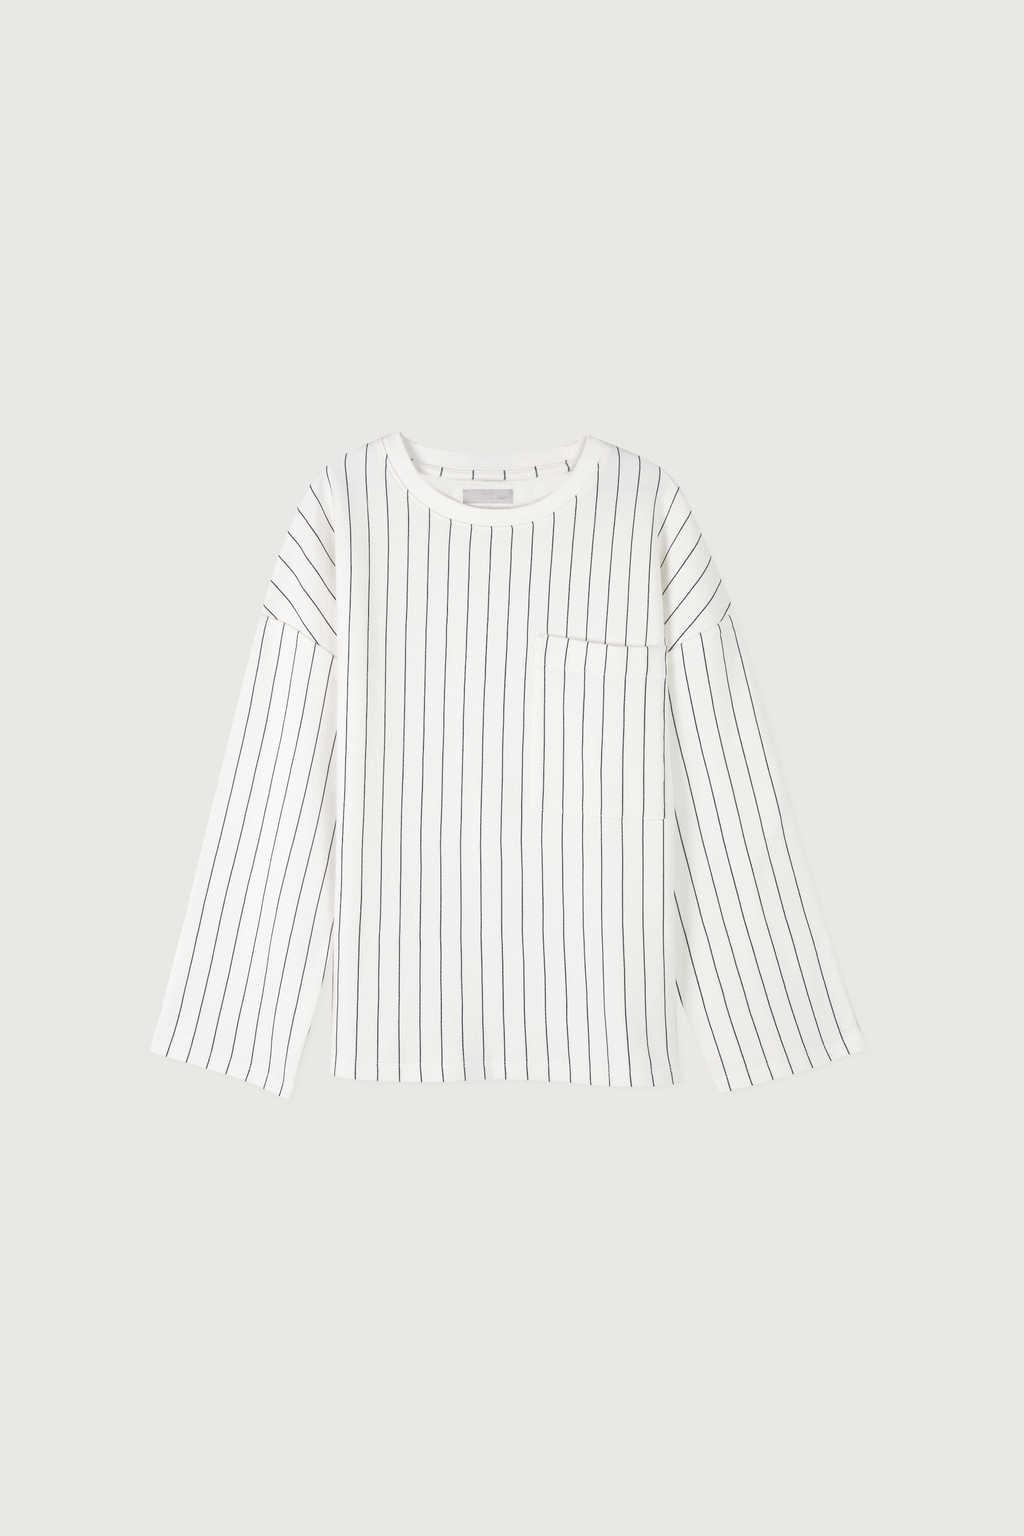 TShirt 3457 Stripe 11